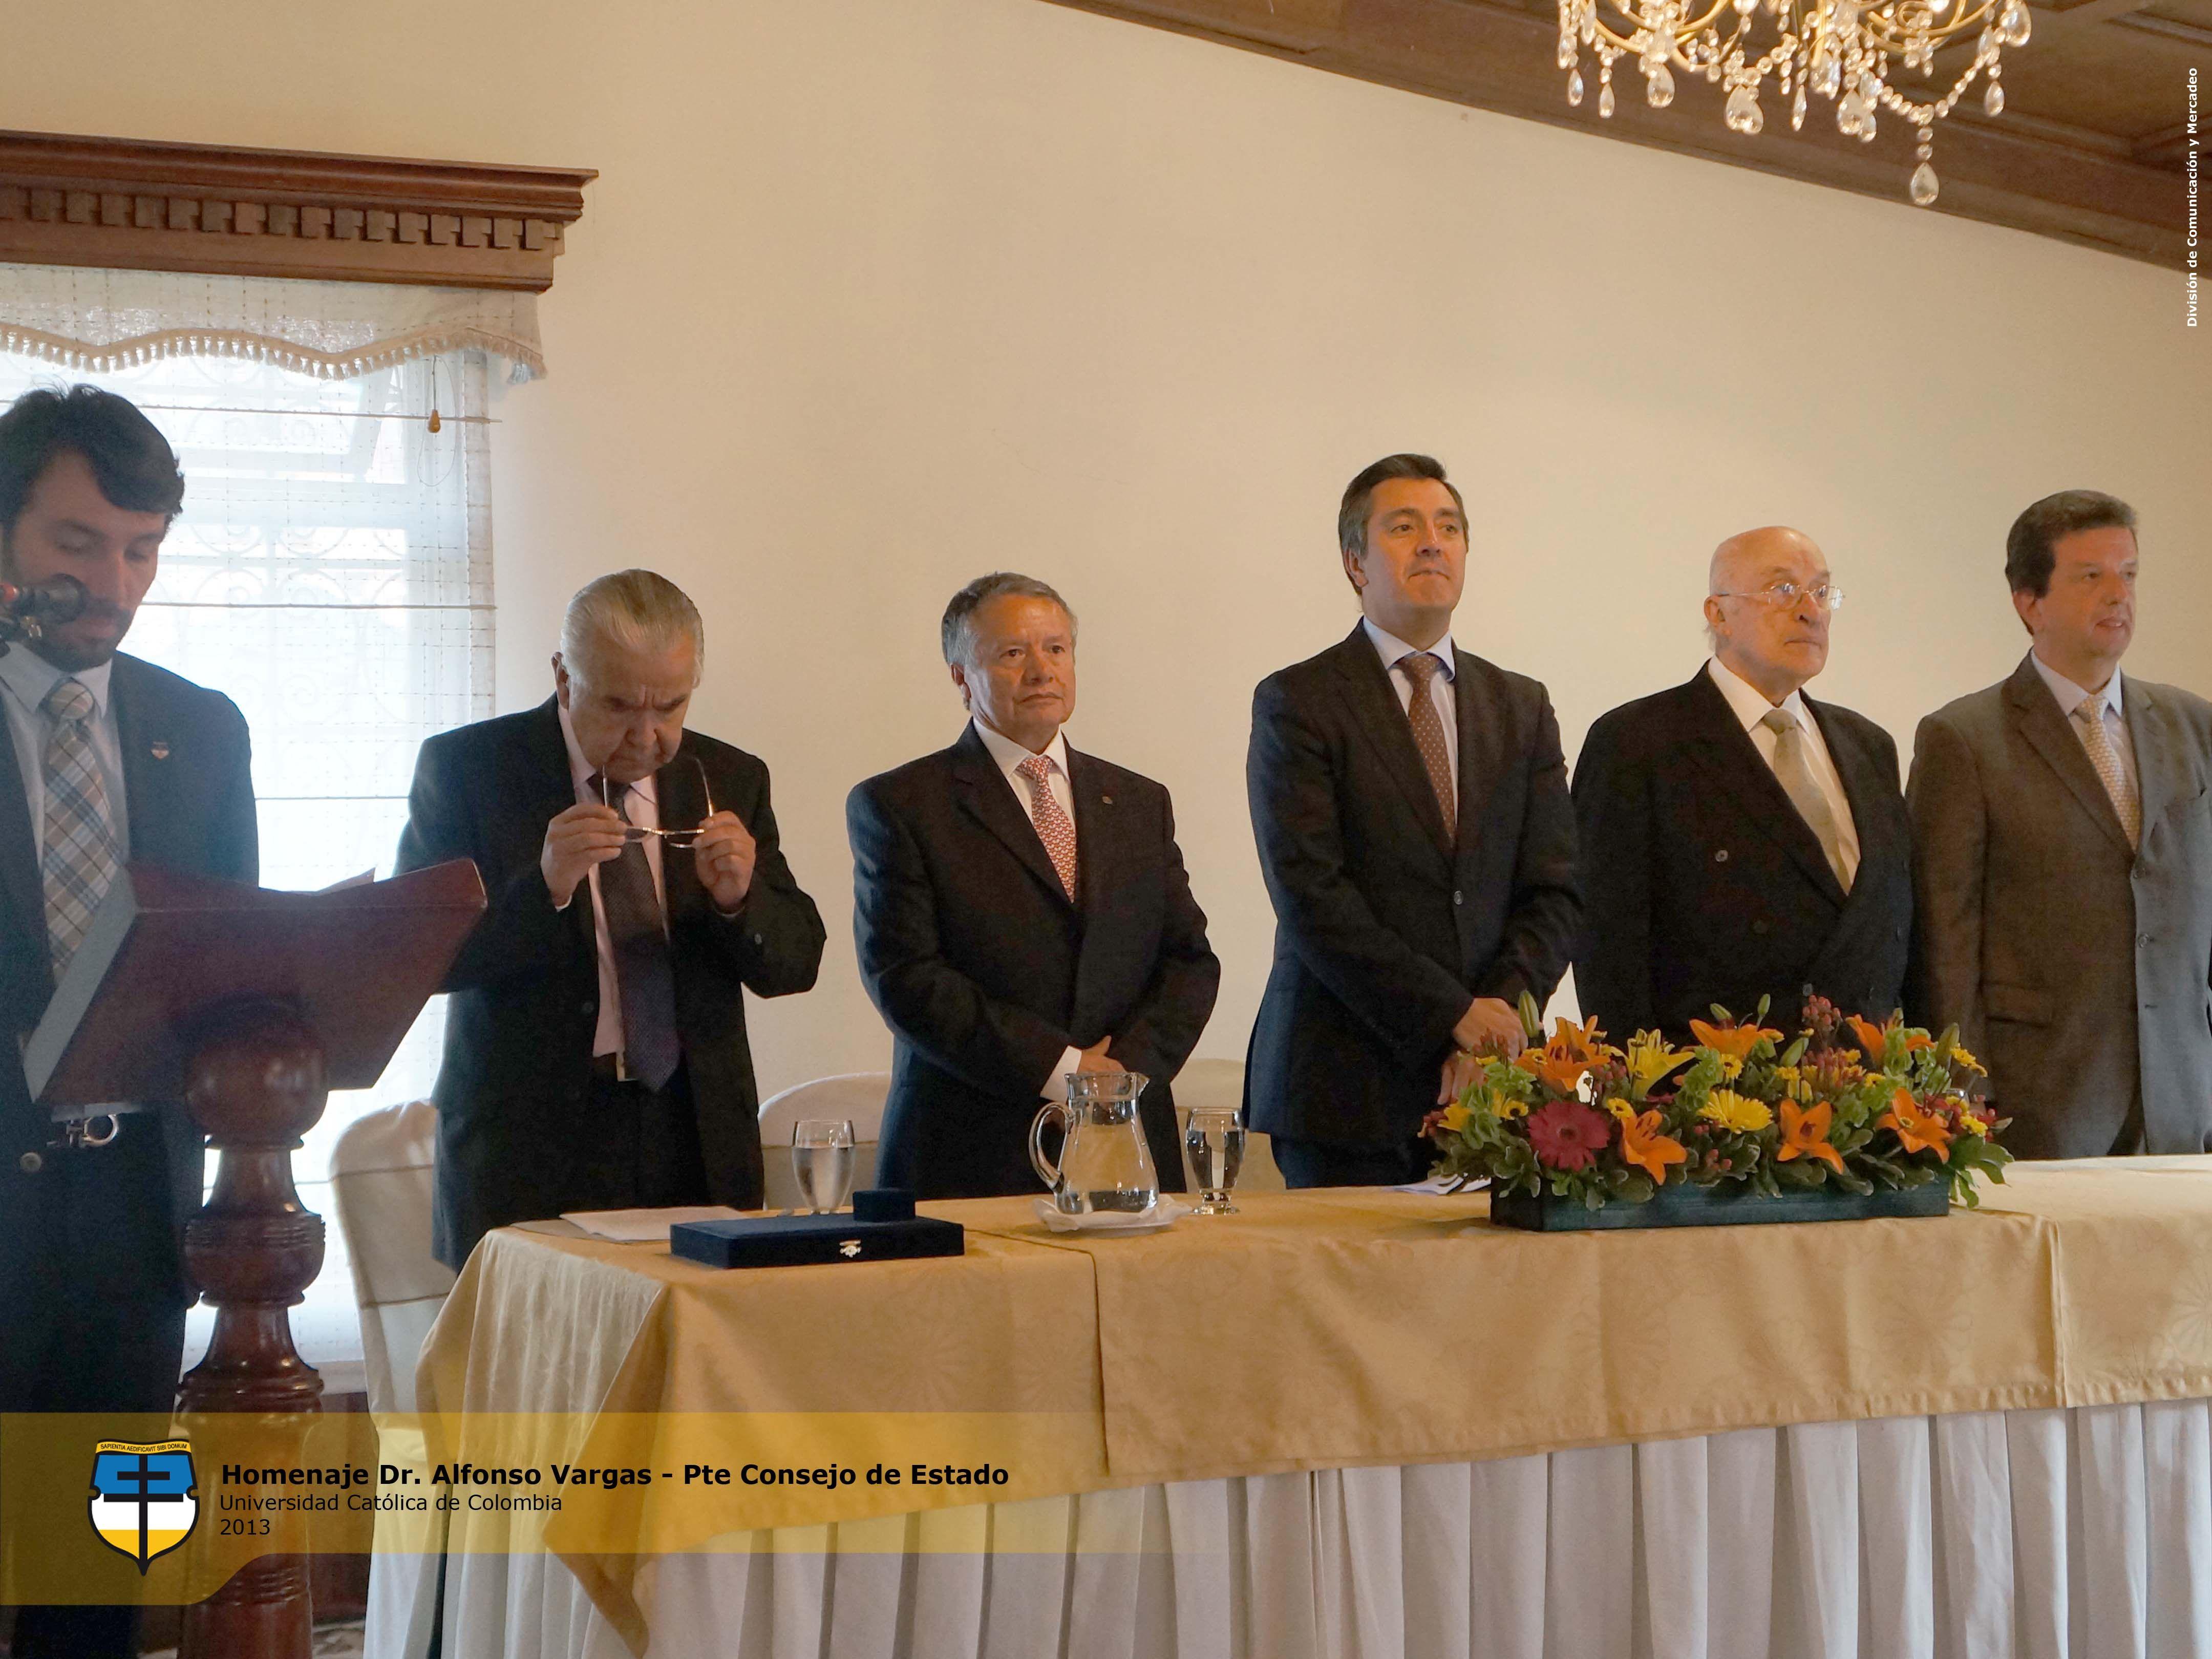 La Universidad Católica de Colombia, realizó un distinguido homenaje al Dr. Alfonso Vargas Rincón, egresado de la Facultad de Derecho, quien fue nombrado Presidente del Consejo de Estado, el pasado 22 de enero de 2013.